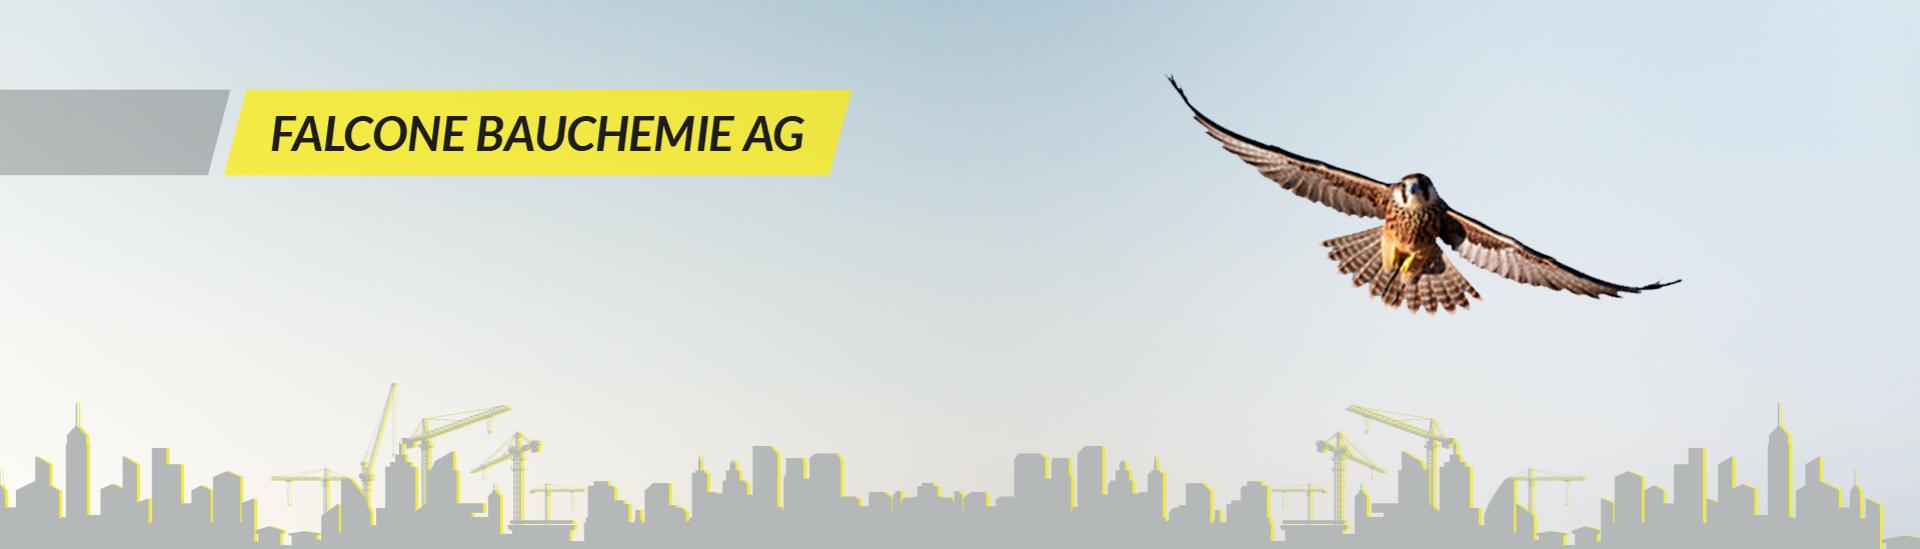 Falcone Bauchemie AG - Banner